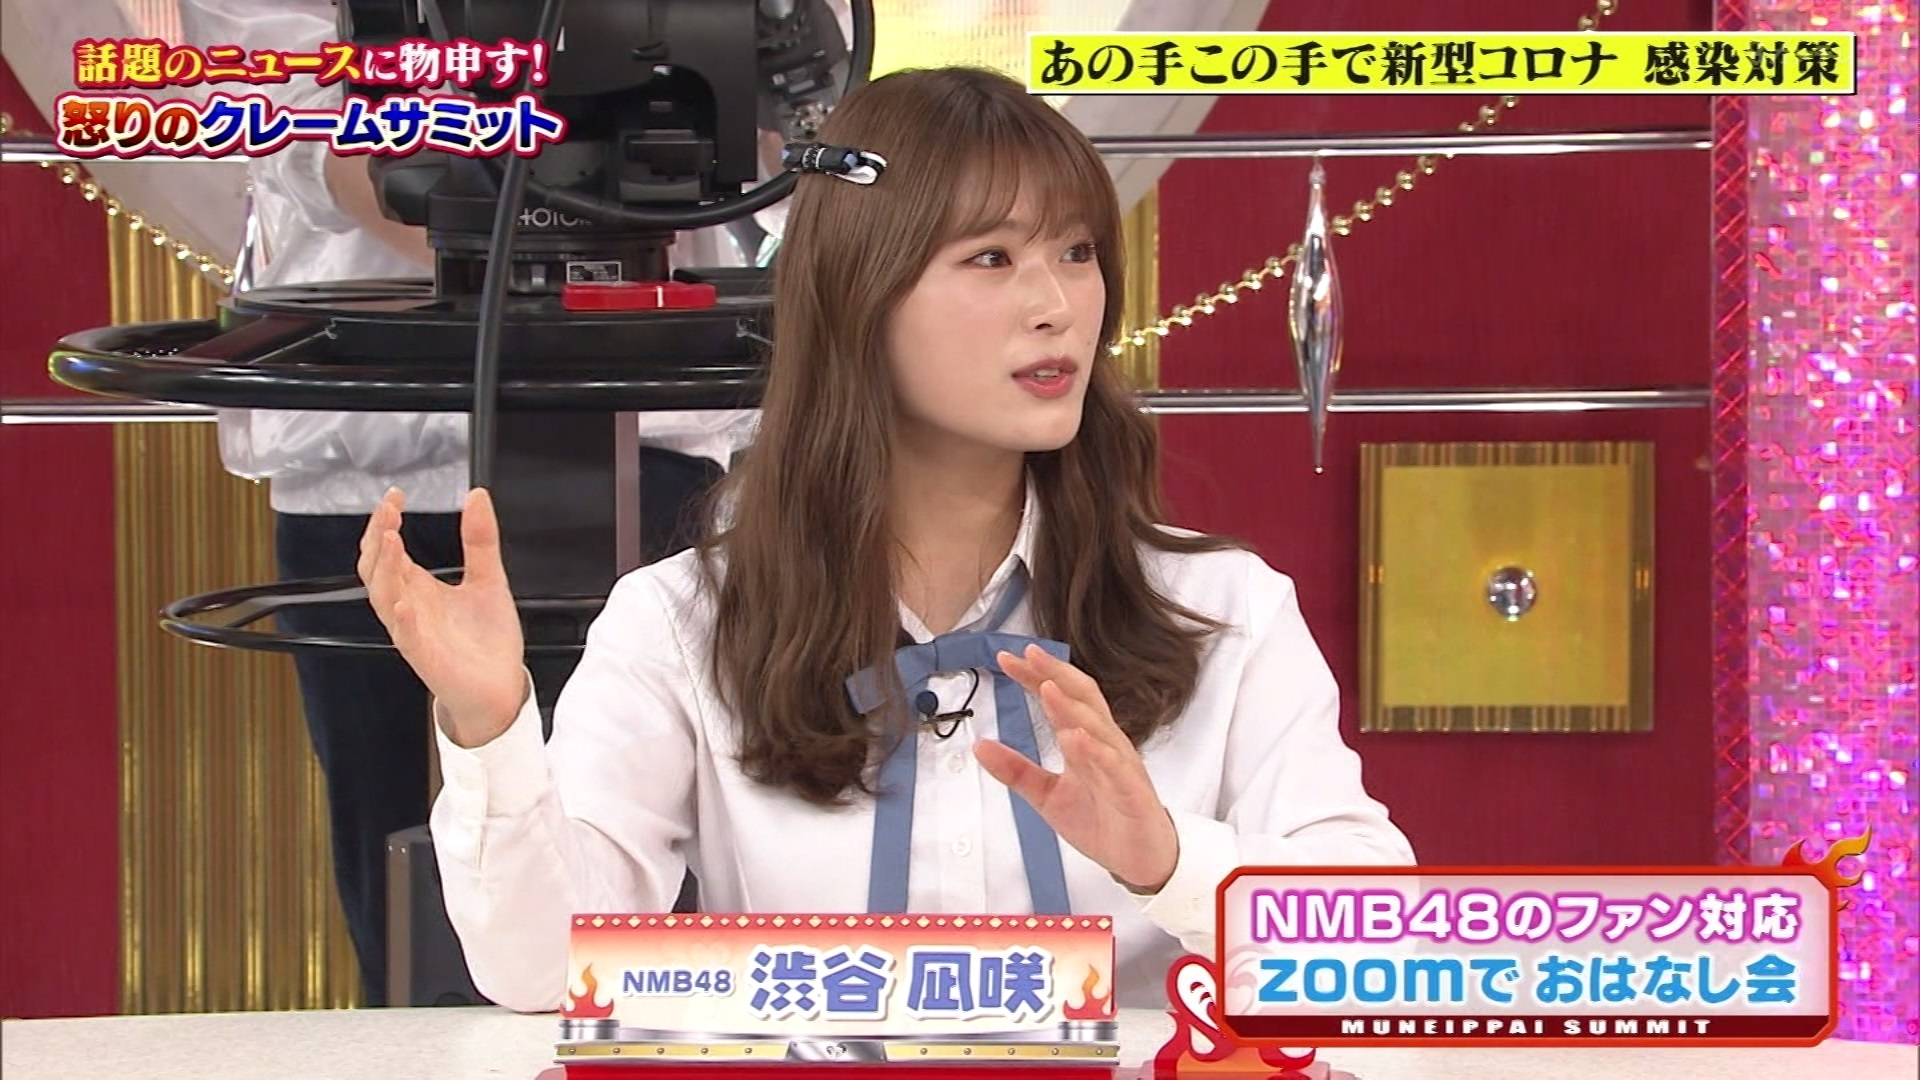 【渋谷凪咲】なぎさ出演 6月27日放送『胸いっぱいサミット!』の実況と画像